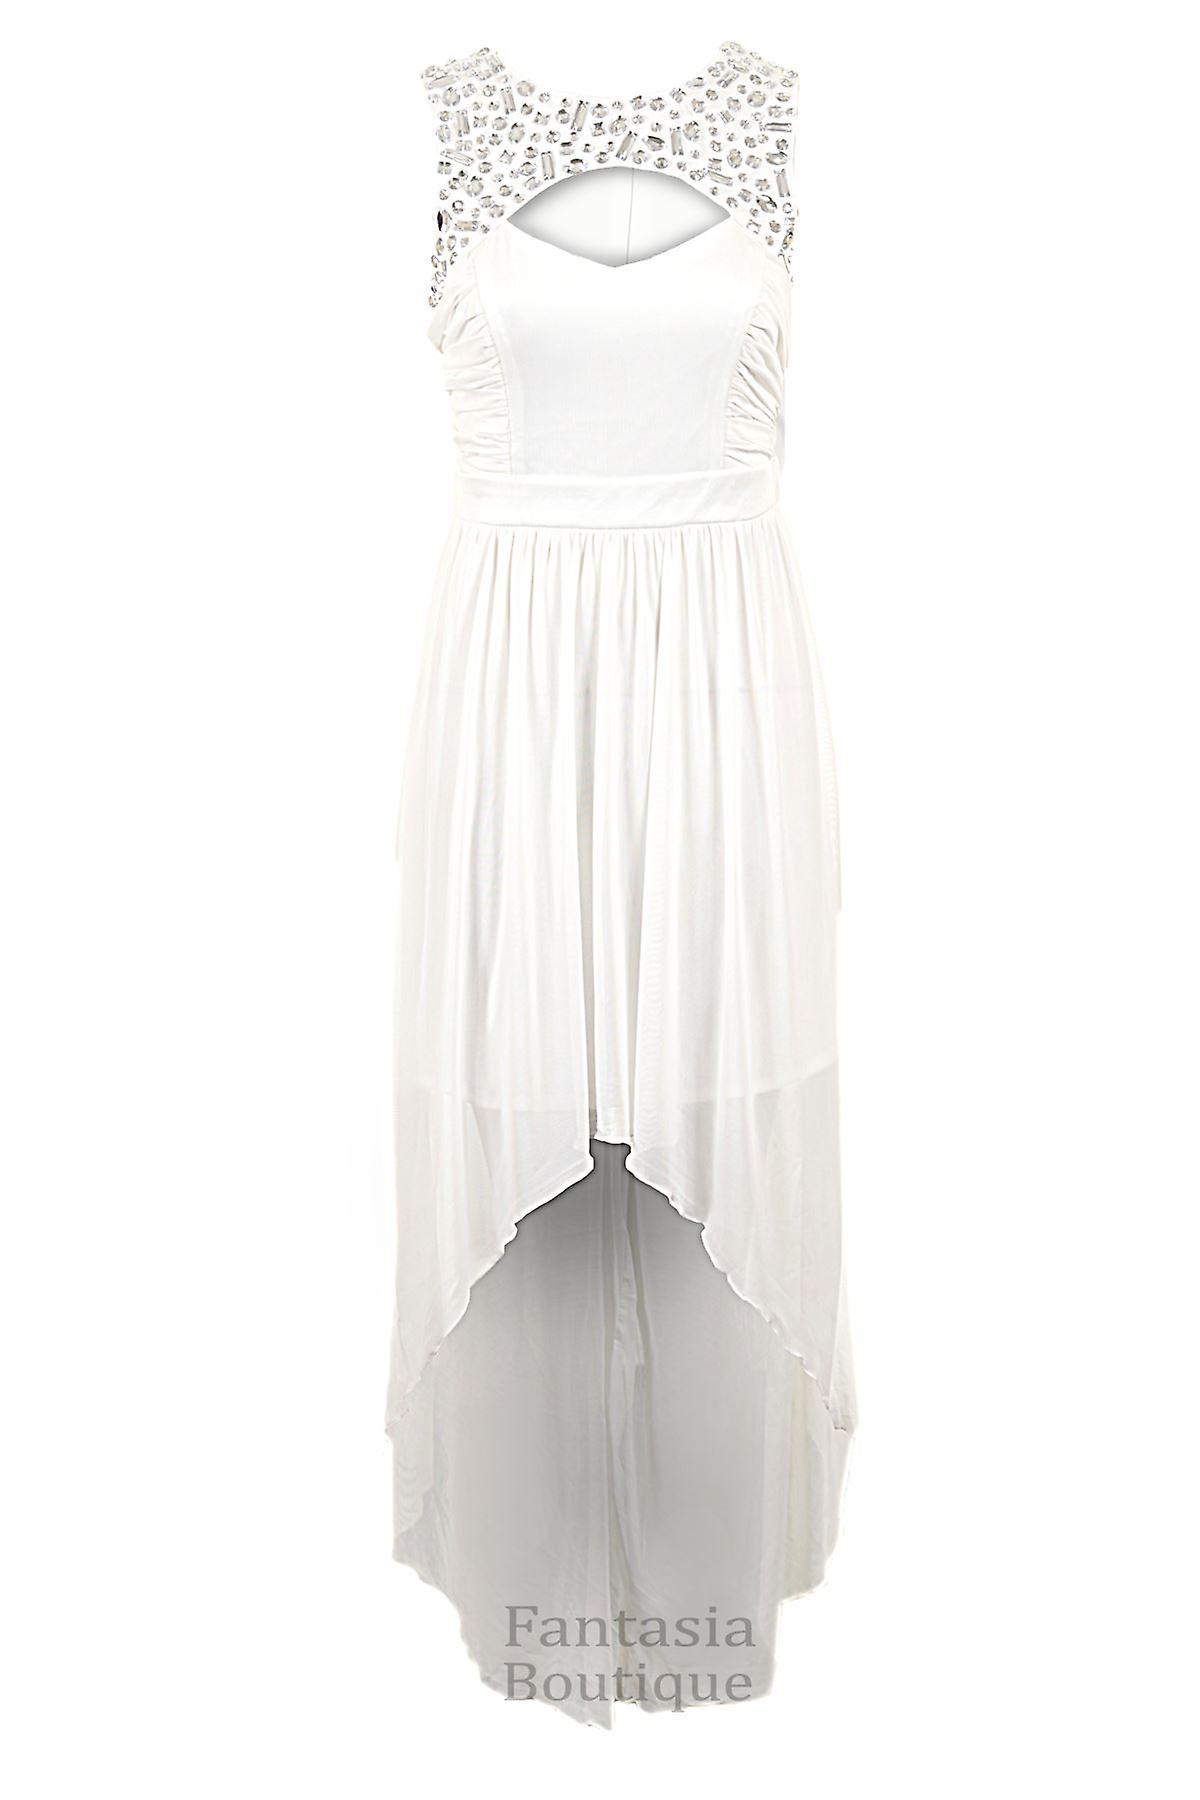 Hyvät Diamante leikattu edessä kerätty korkea matala pitkä Maxi heittelehtiä naisten mekko